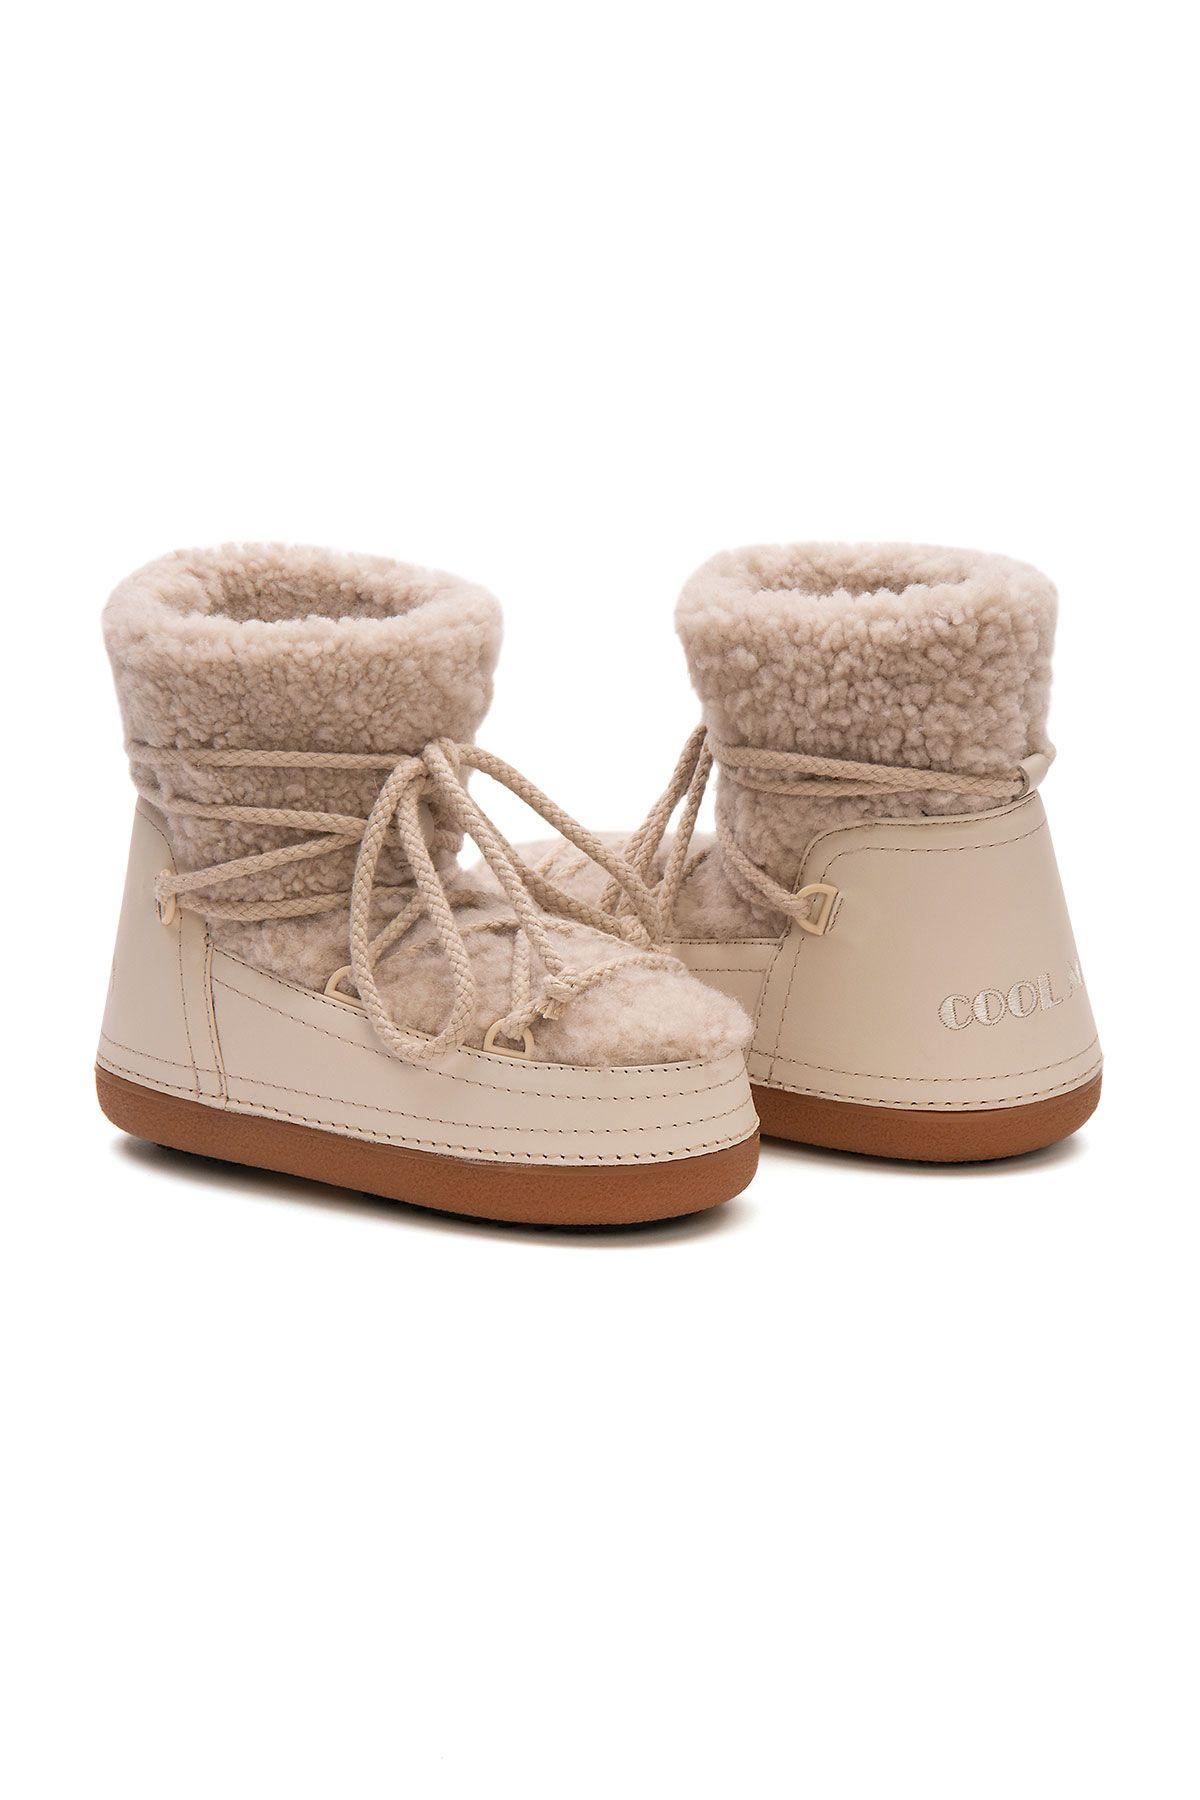 Cool Moon Genuine Sheepskin Women's Snow Boots 251211 Beige